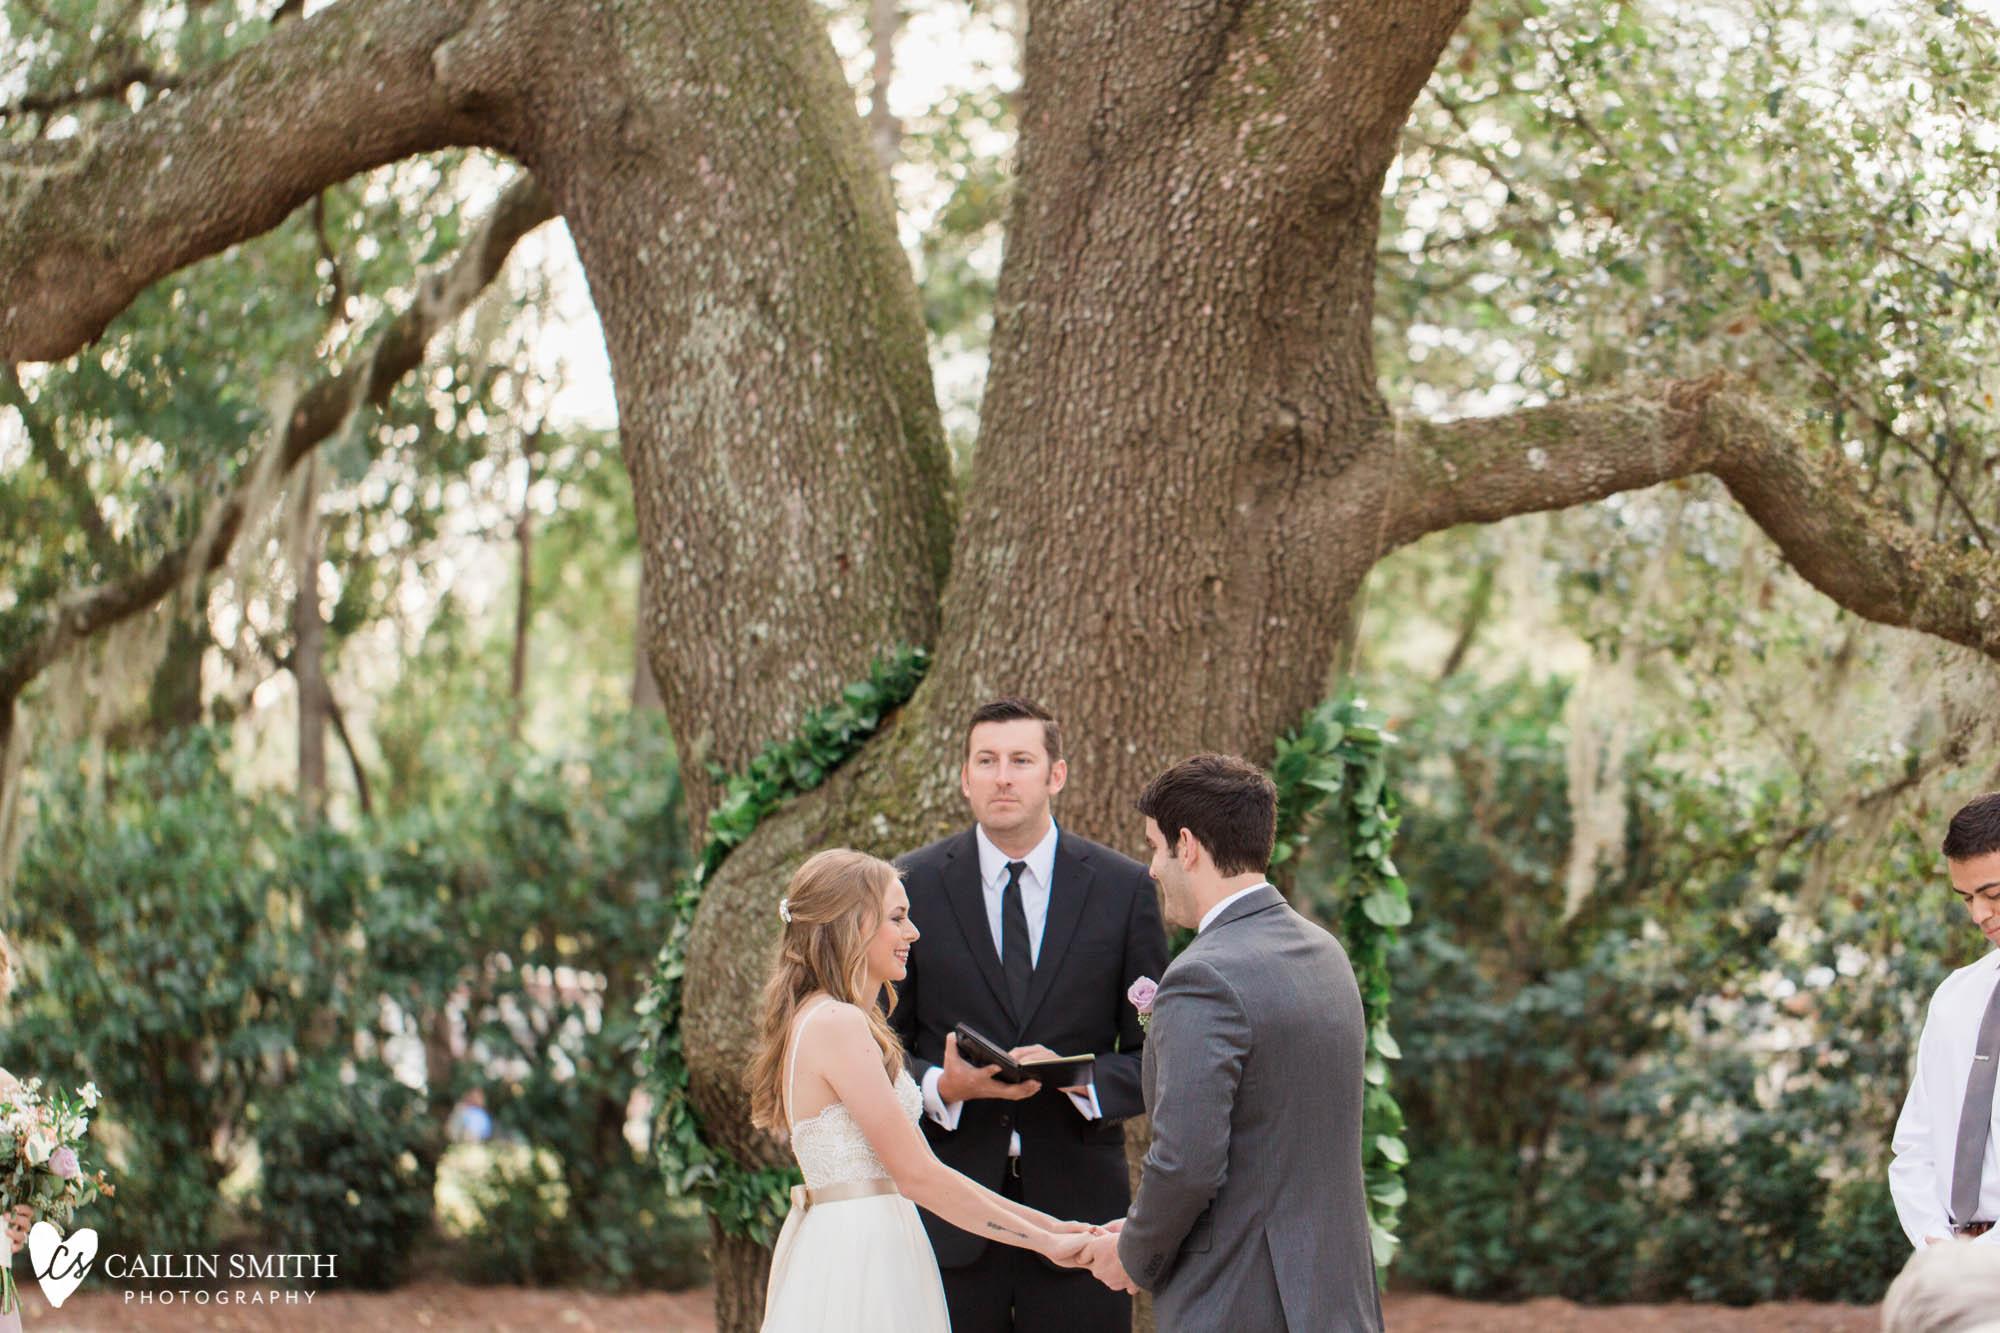 Sylvia_Anthony_Bowing_Oaks_Plantation_Wedding_Photography_0046.jpg